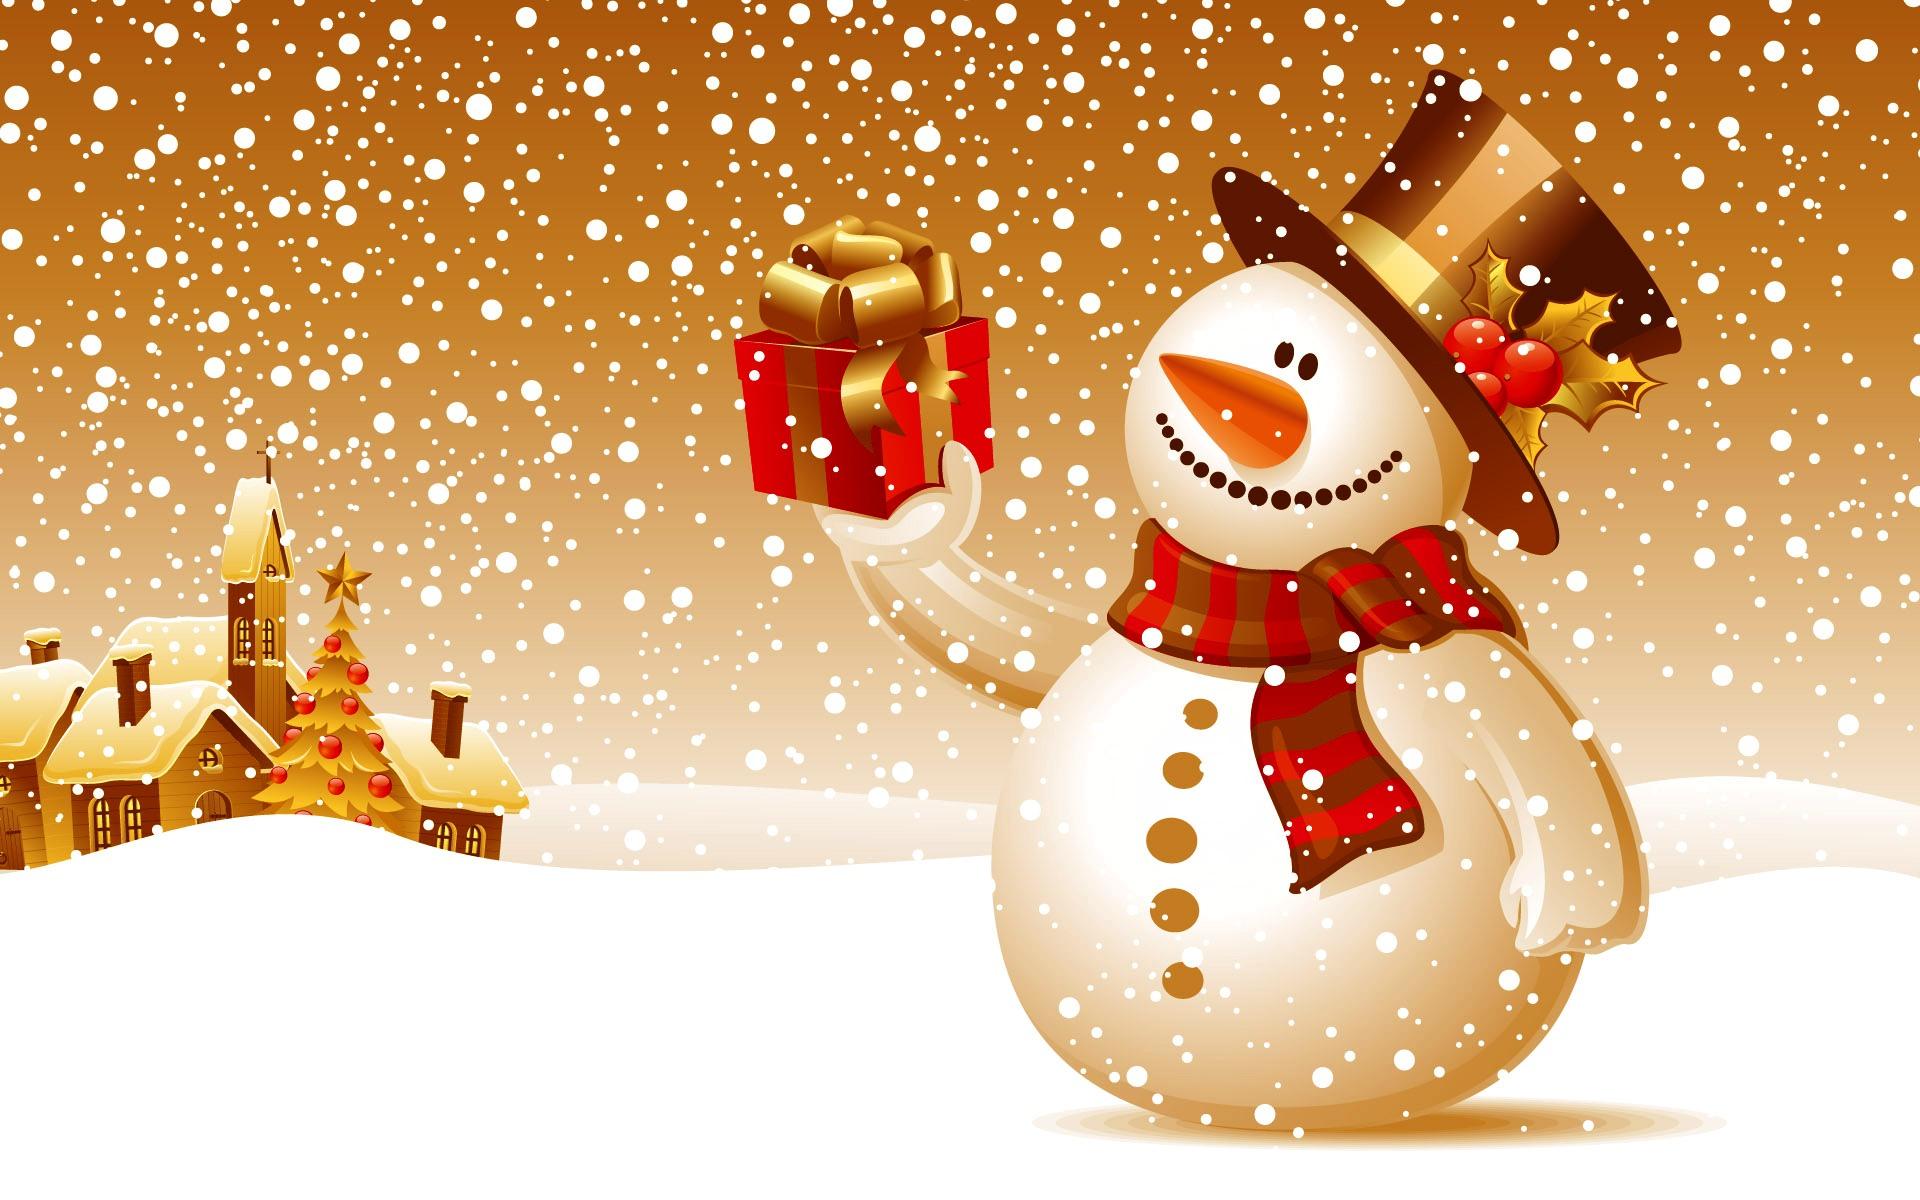 muneco-nieve-navidad-regalos